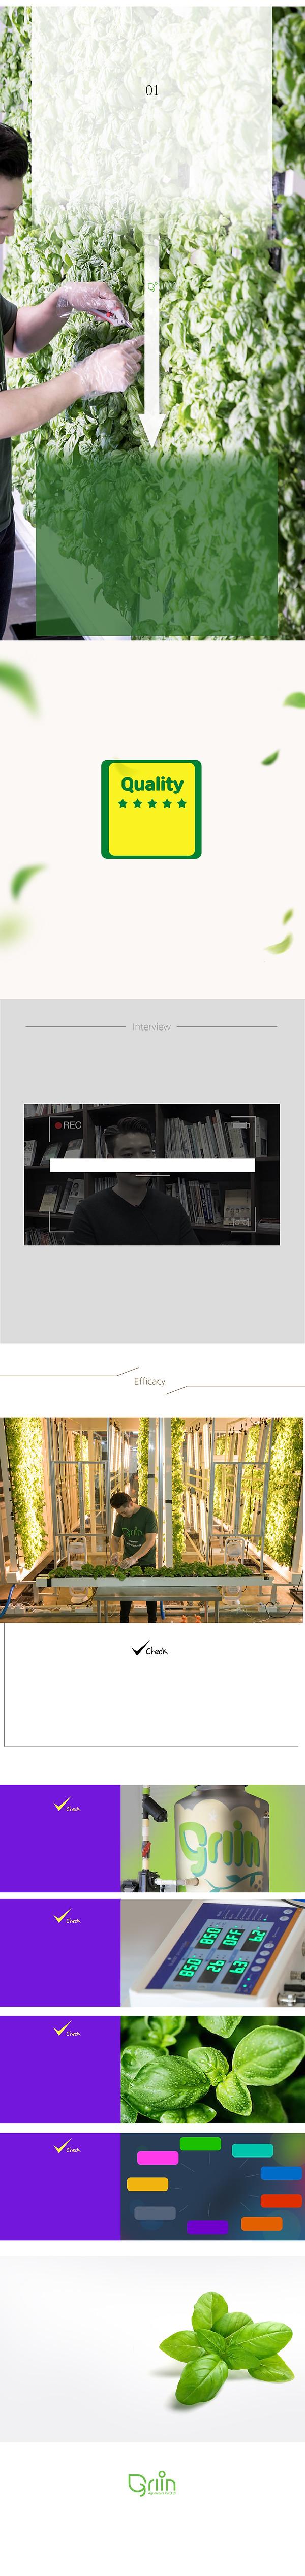 삭제_바질상페이지02.jpg